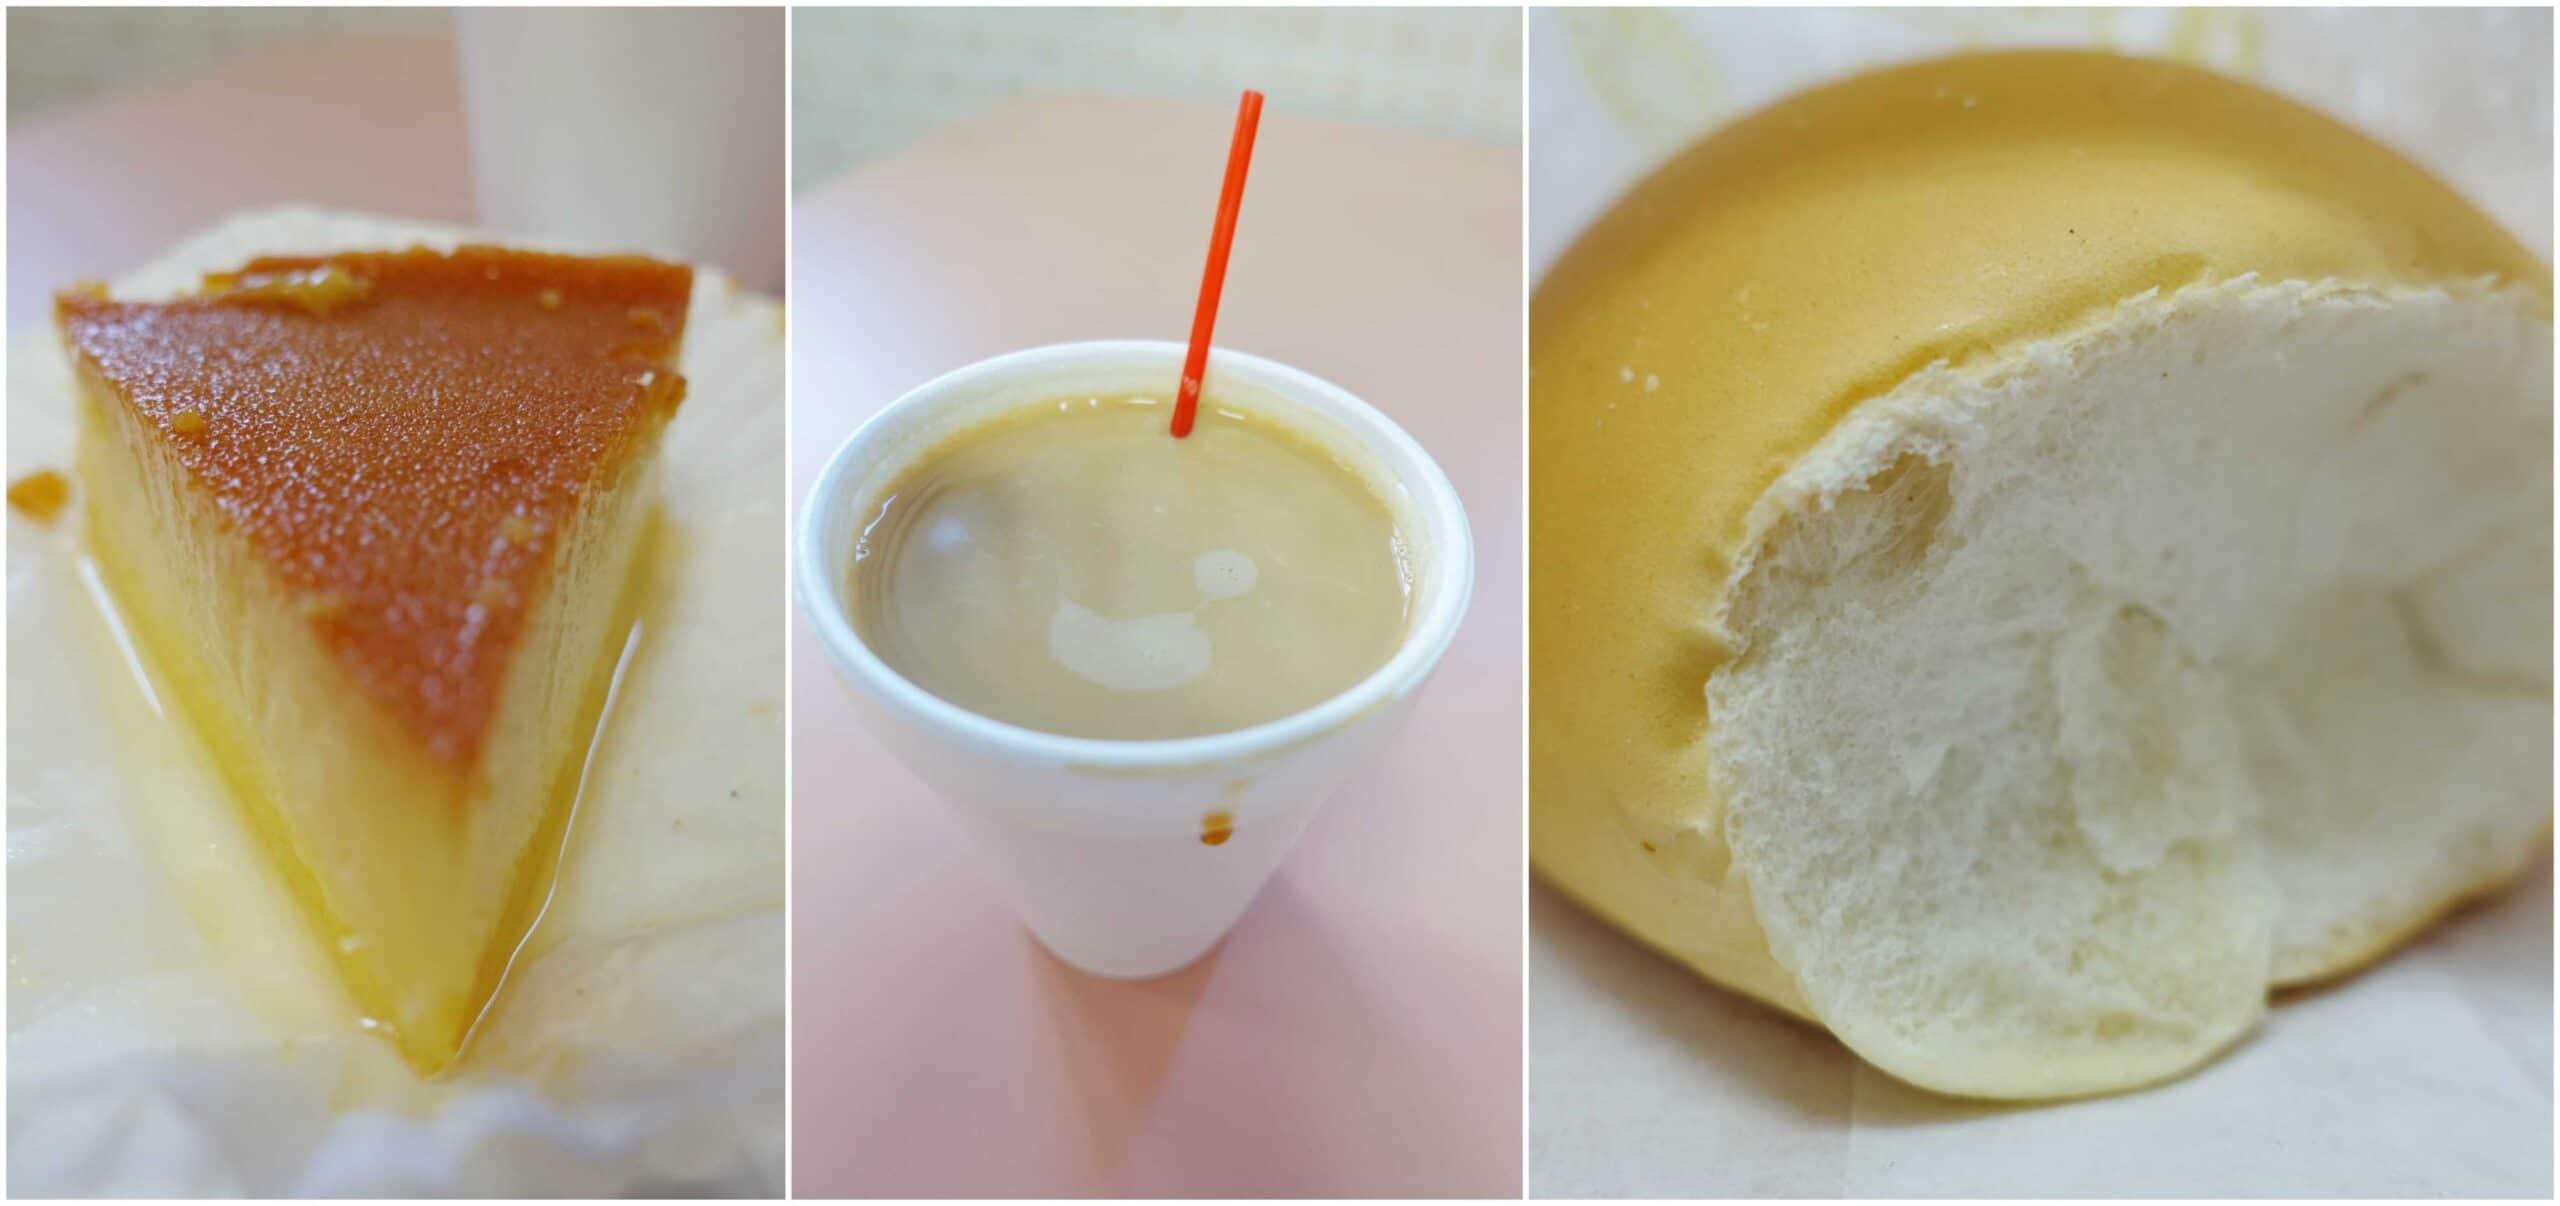 Vanilla Flan, Sweet Bread - La Familia Bakery 2, Rio Grande, Puerto Rico